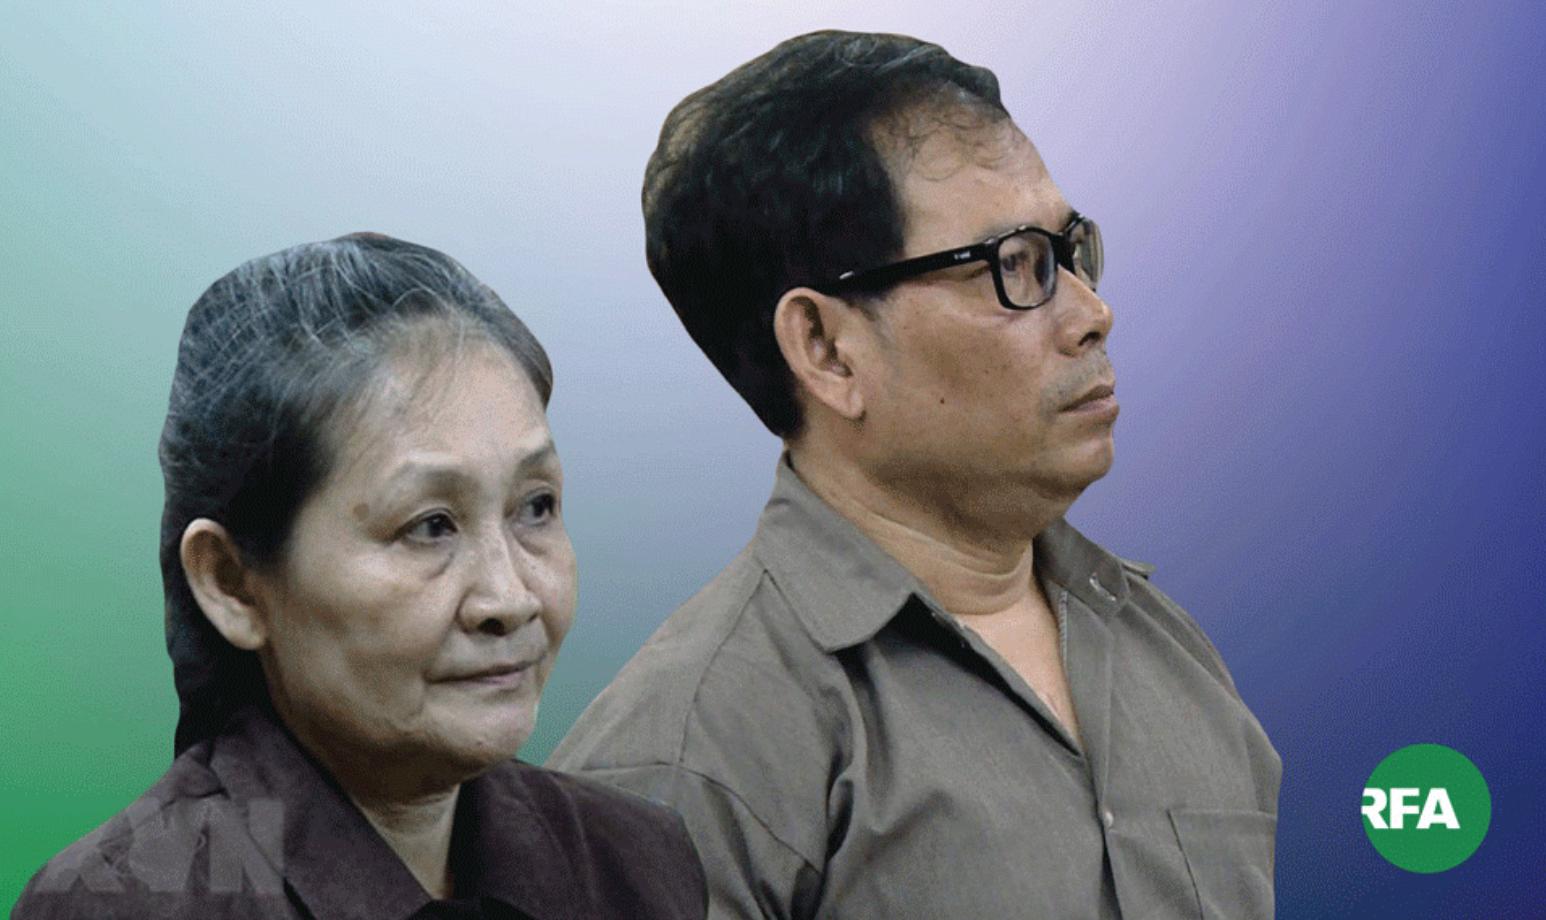 8 bị cáo Chính phủ Lâm thời Quốc Gia Việt Nam bị kết án tù 5 đến 11 năm, có 2 người Mỹ gốc Việt